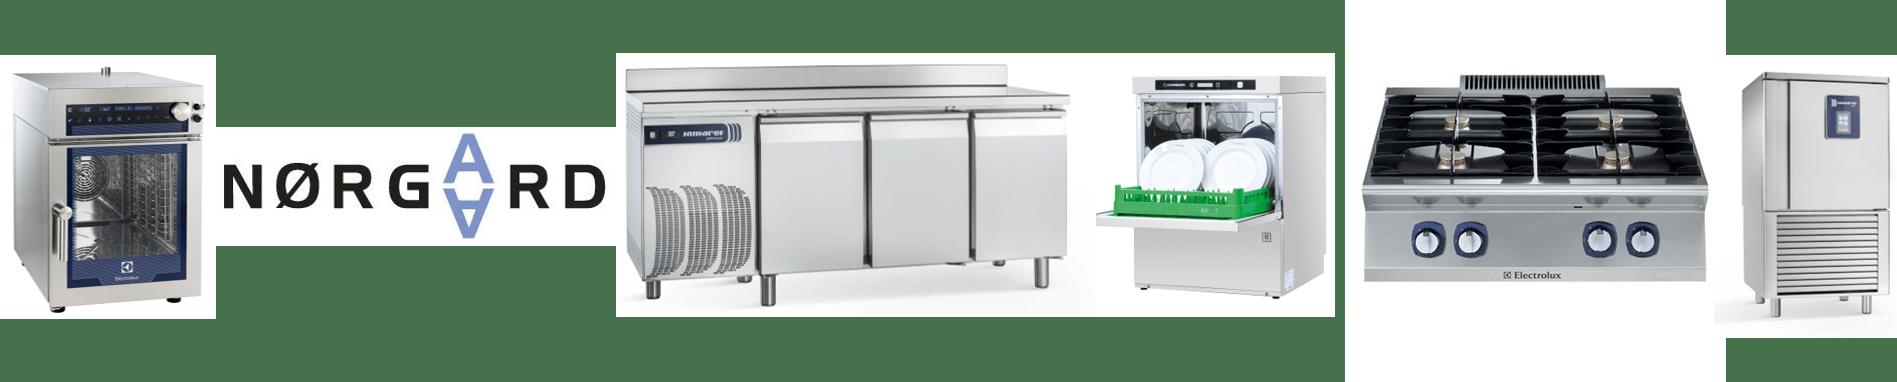 Wilno Rustfri ApS – Suppler din ordre med storkøkkenmaskiner fra Nørgaard Storkøkkener